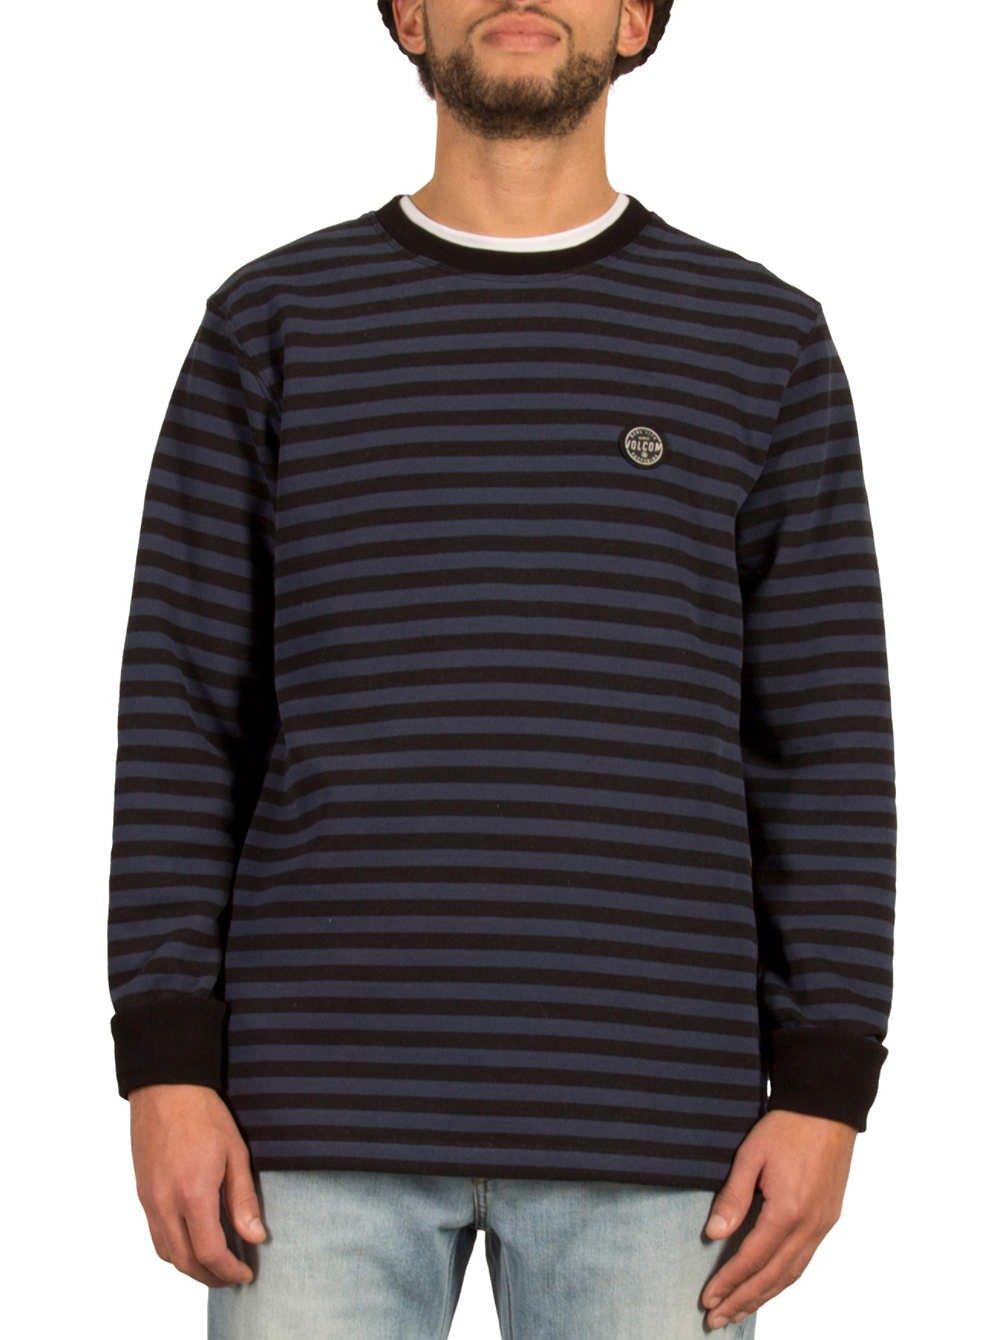 Volcom kraystone Crew Sweatshirt, Herren Herren Sweatshirt, 15a5f6